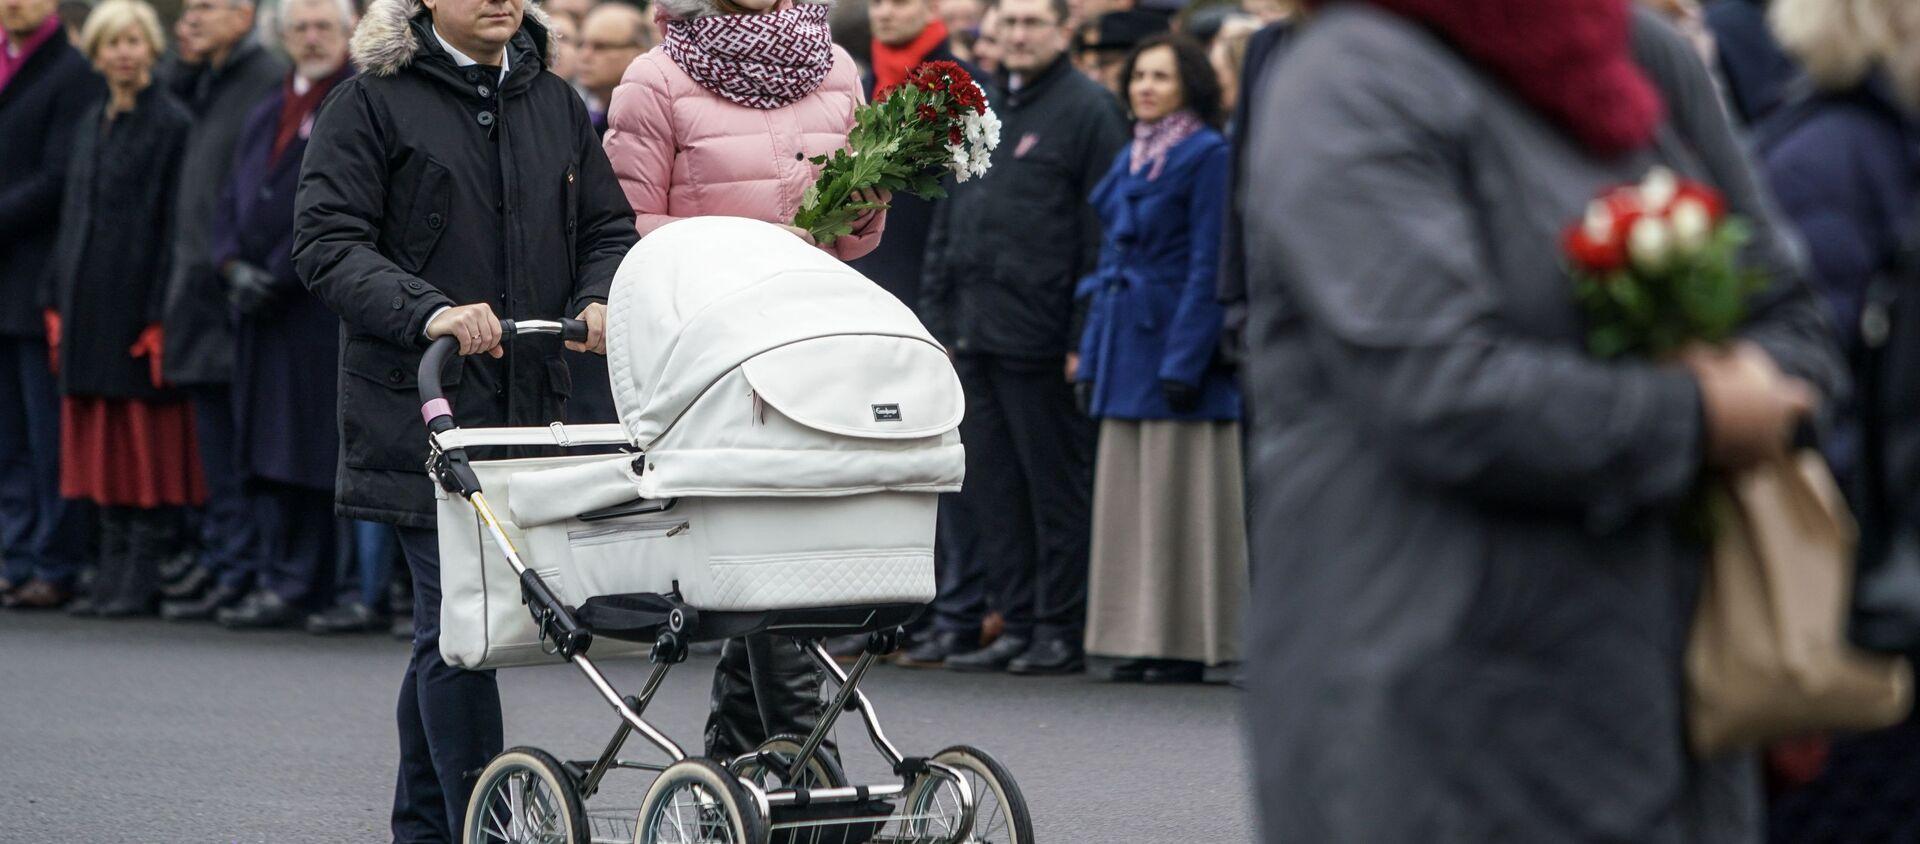 Семья с ребенком проходит к памятнику Свободы, чтобы возложить цветы - Sputnik Latvija, 1920, 31.01.2021